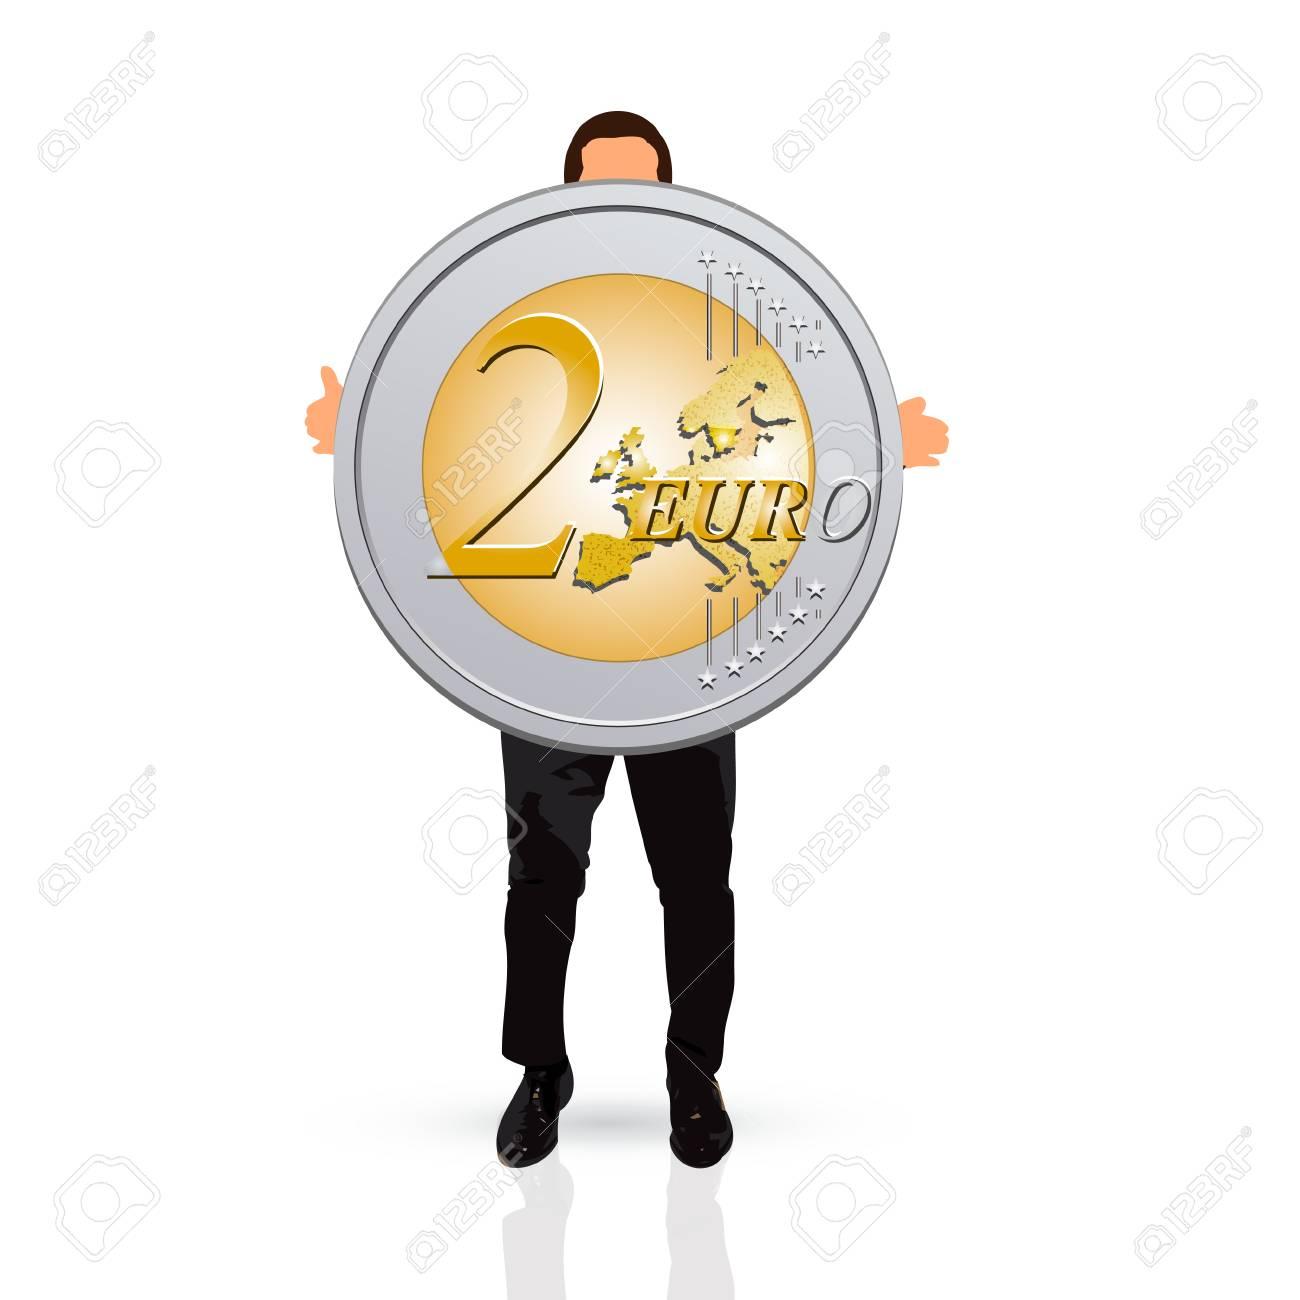 Junger Mann Hält Zwei Euro Münze Lizenzfreie Fotos Bilder Und Stock